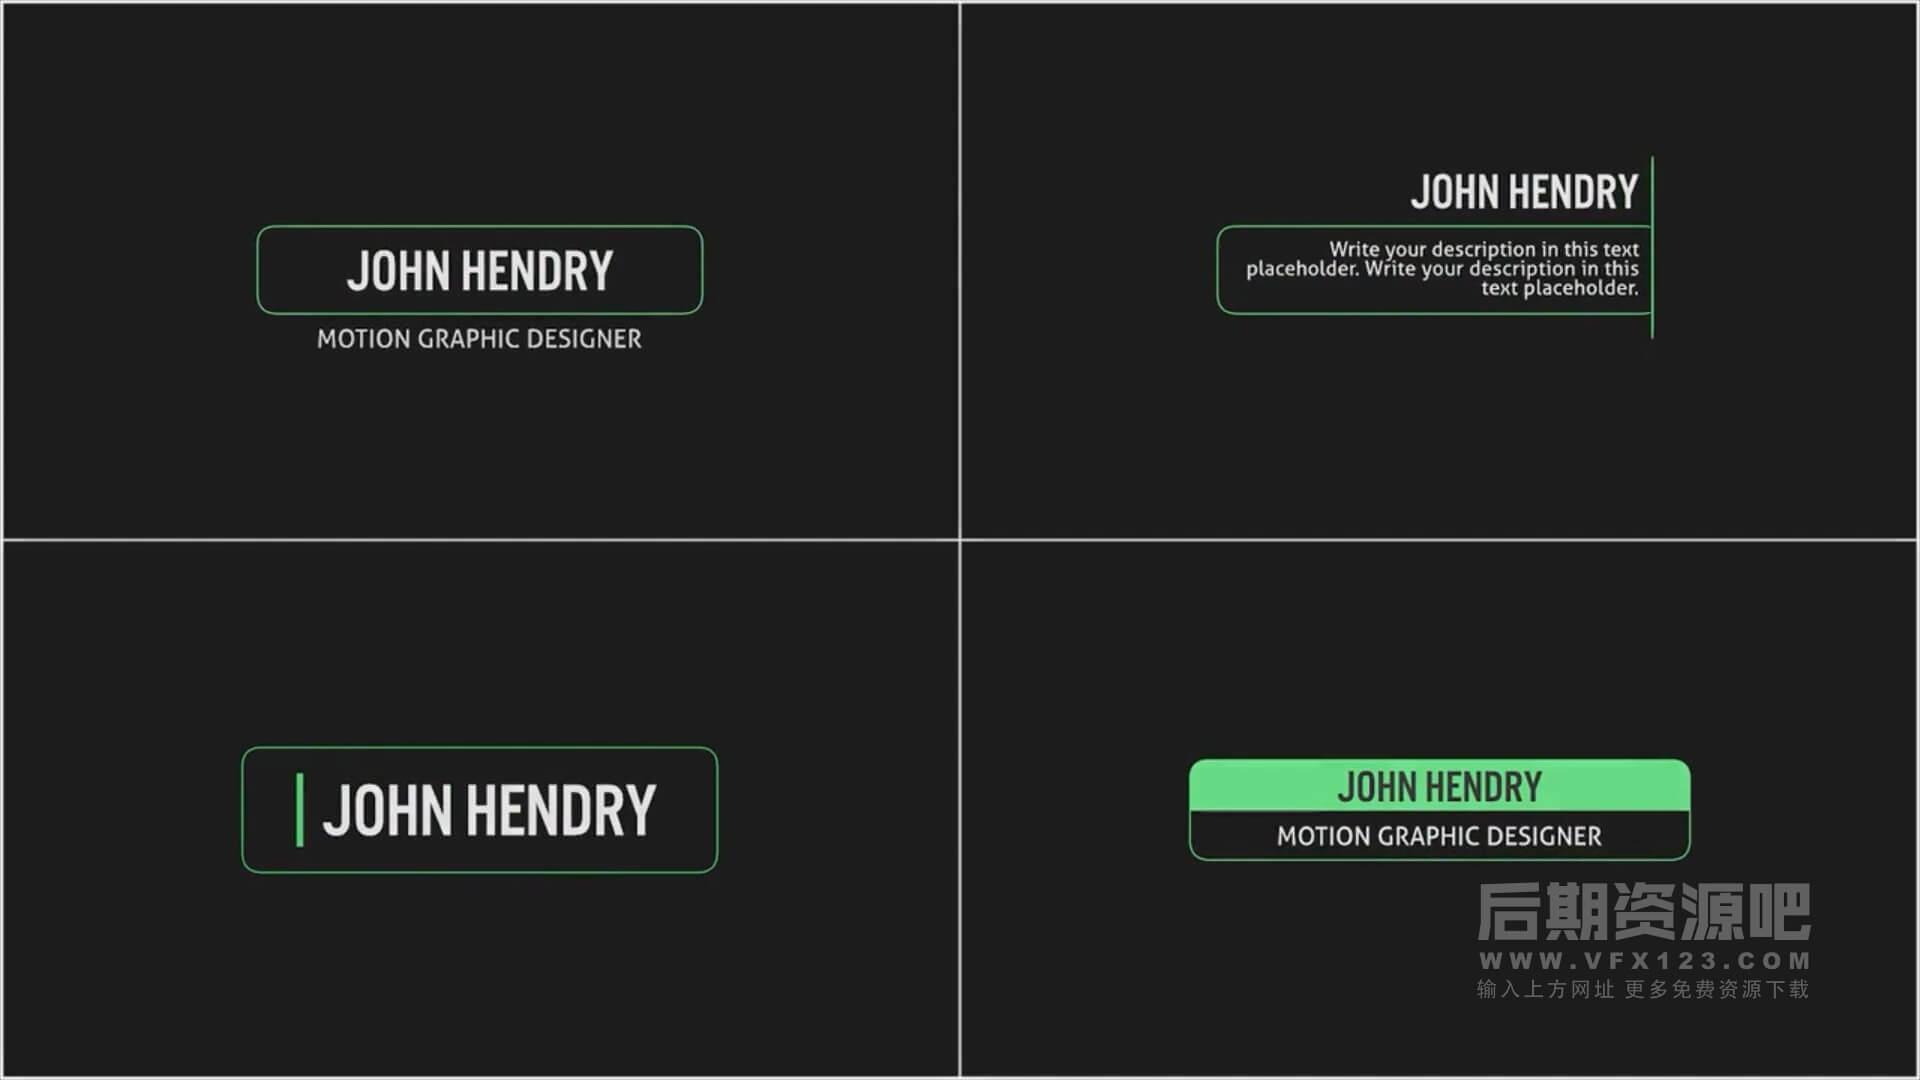 fcpx字幕插件 简洁大方文本框标题动画模板 Elegant Titles